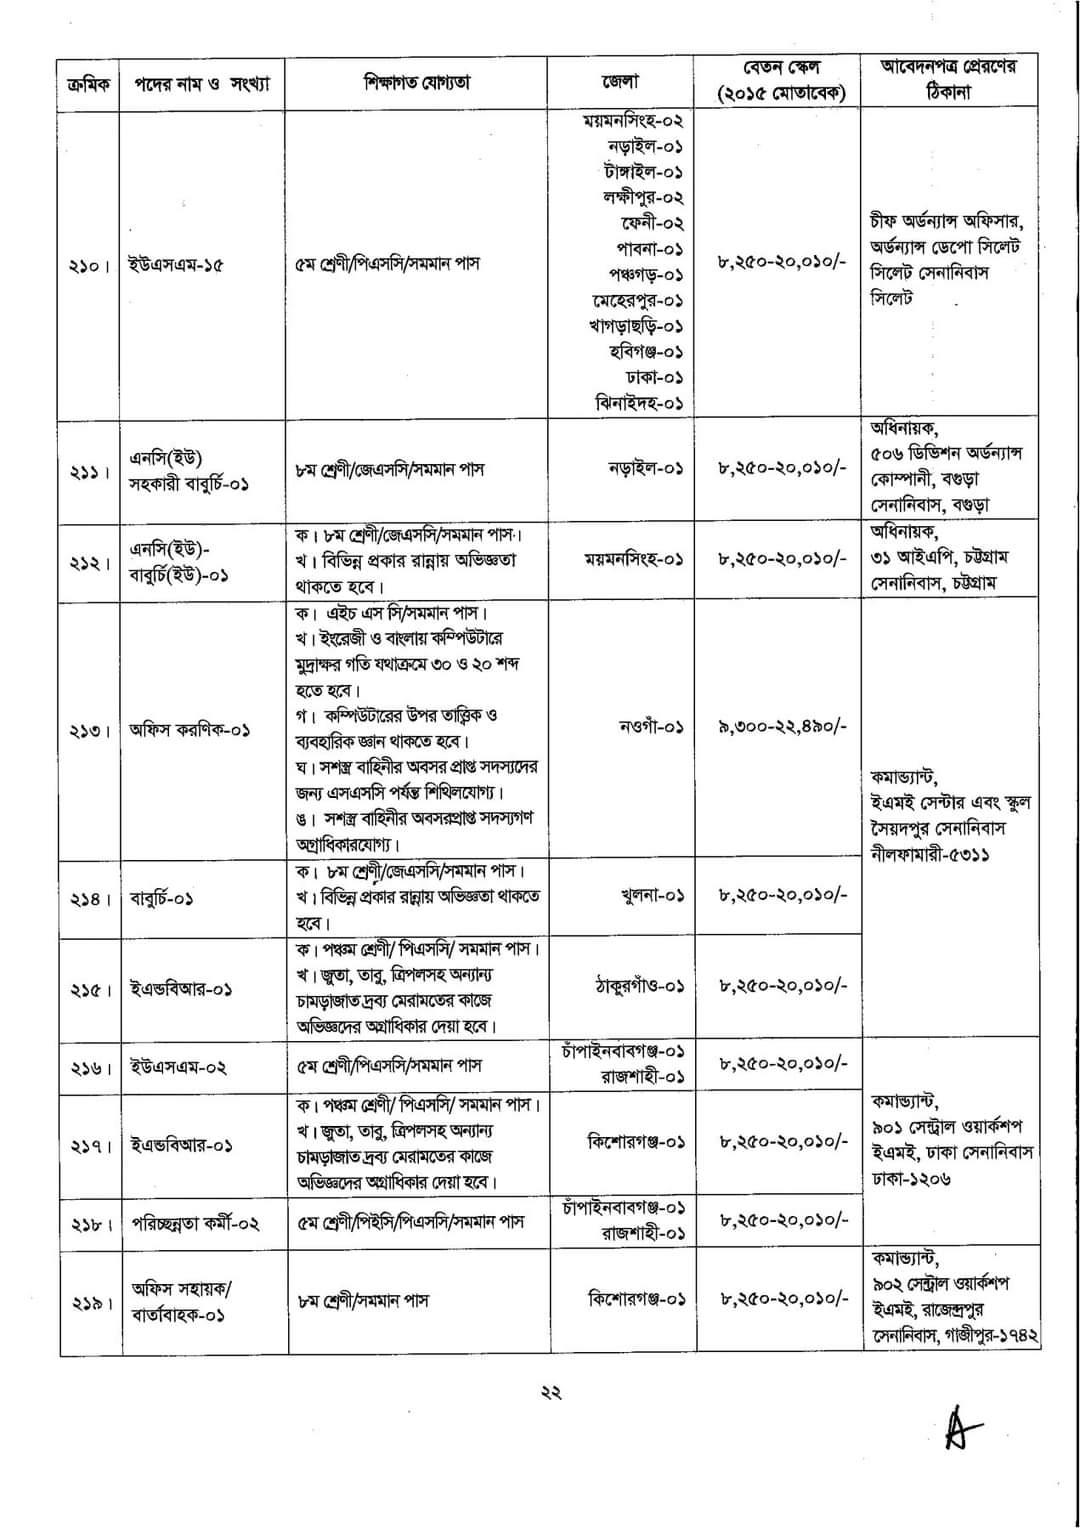 ৮০২ পদে বাংলাদেশ সেনাবাহিনীর বেসামরিক পদে নিয়োগ বিজ্ঞপ্তি প্রকাশ